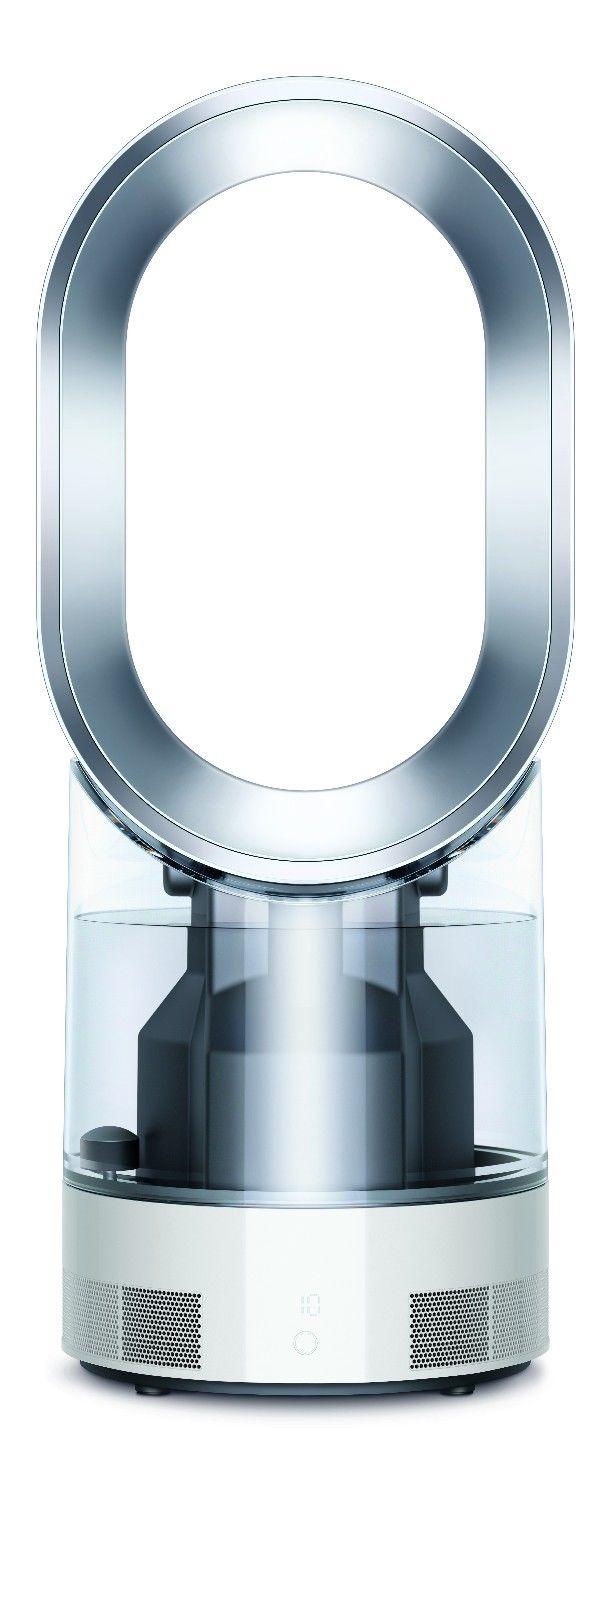 Увлажнитель воздуха dyson am10 white пылесосы для аллергиков dyson